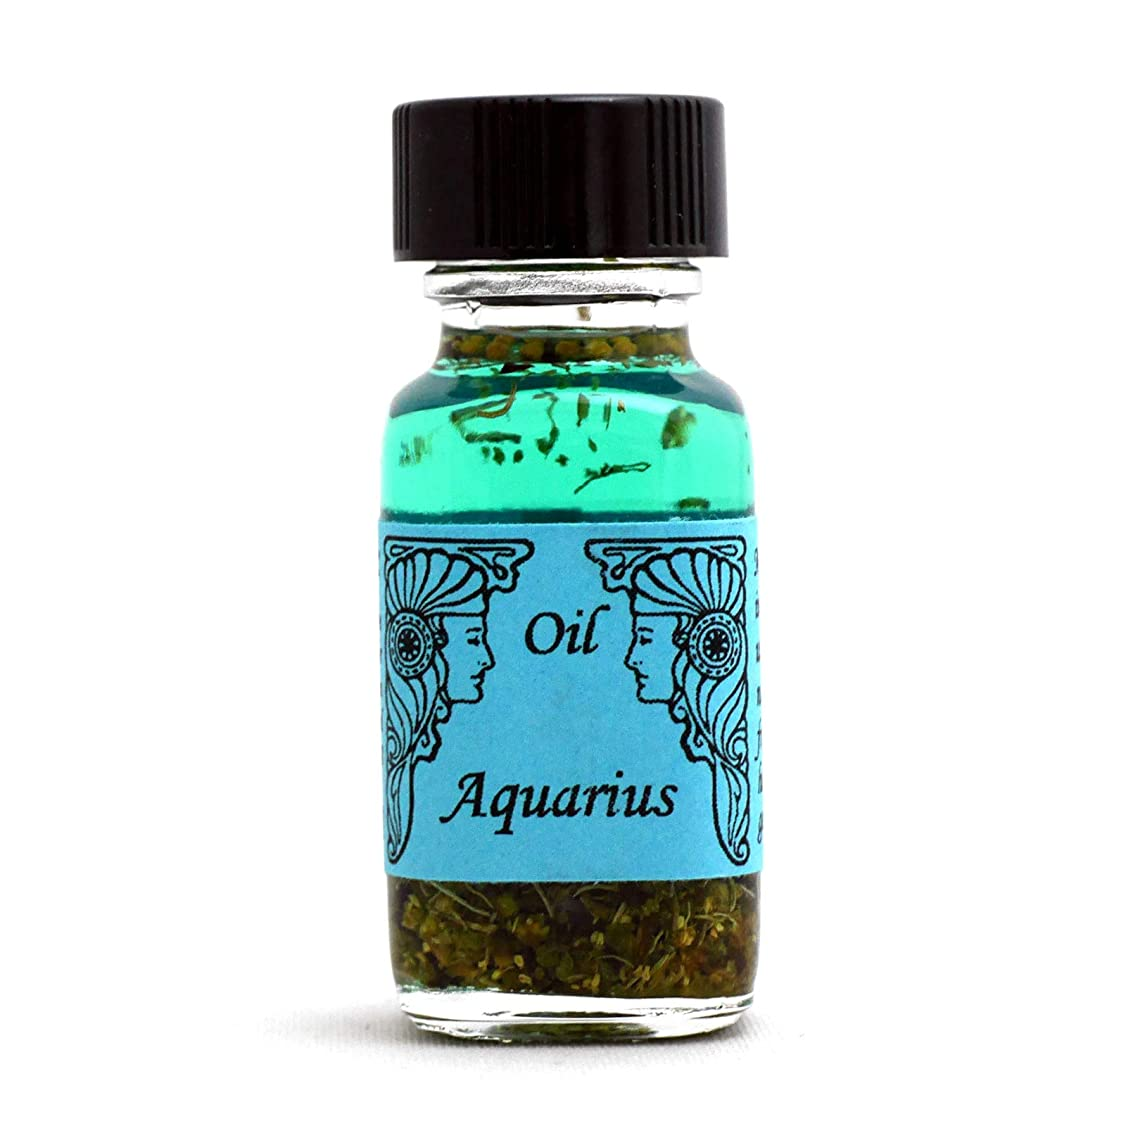 筋肉のダーベビルのテス有毒なアンシェントメモリーオイル 12星座オイル(占星術オイル)Aquarius 水瓶座 1月20日~2月18日